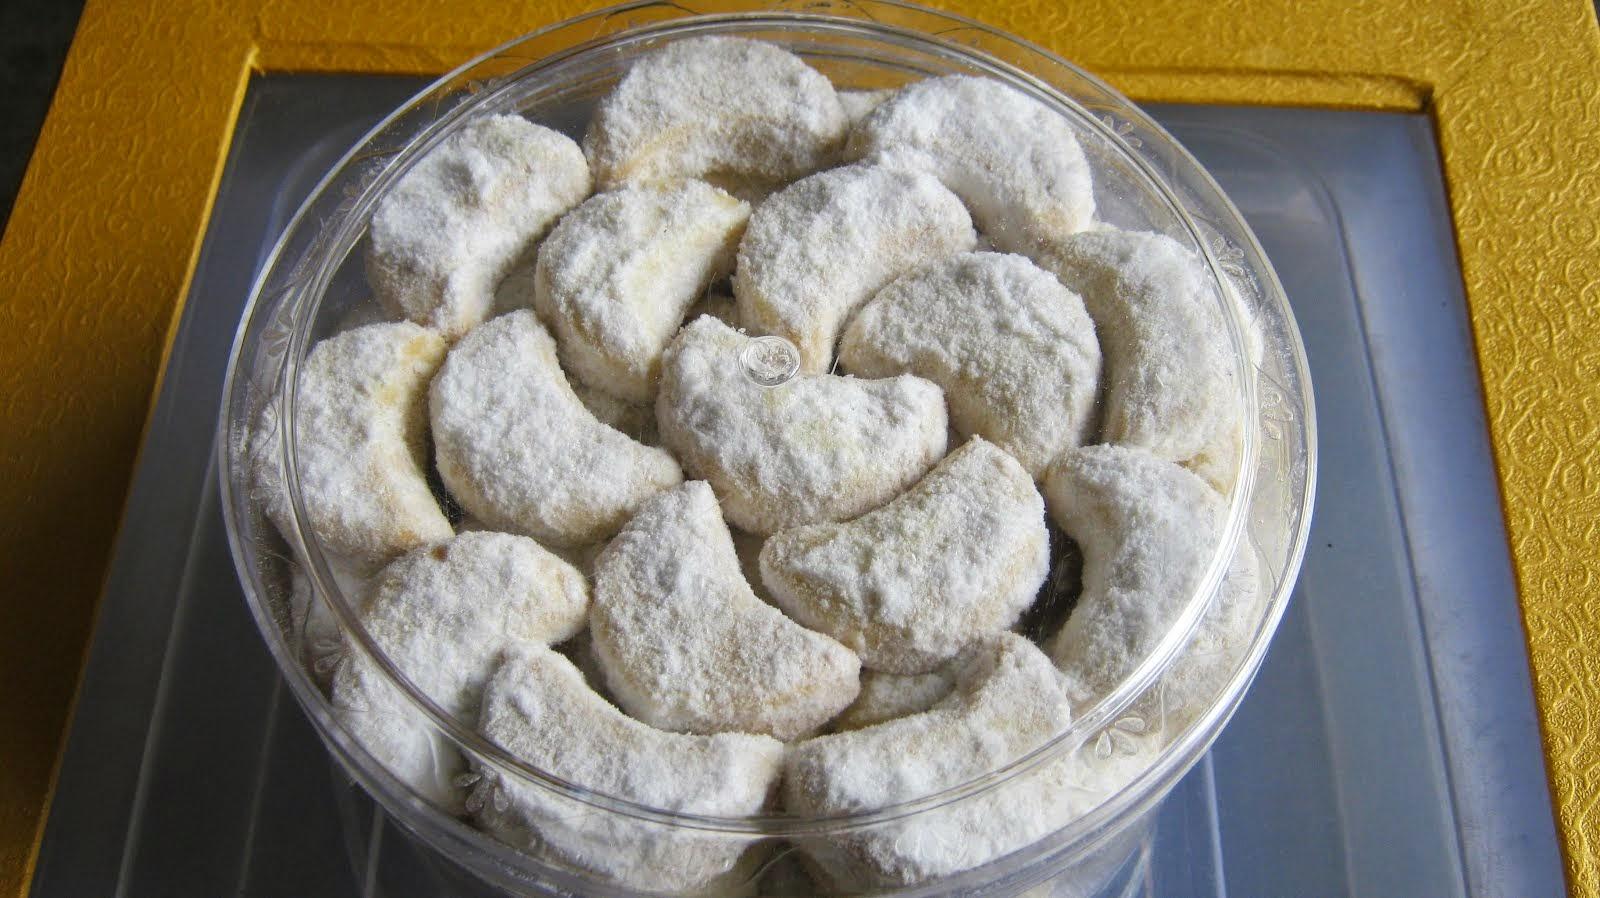 Resep Cara Membuat Kue Putri Salju yang Enak dan Renyah